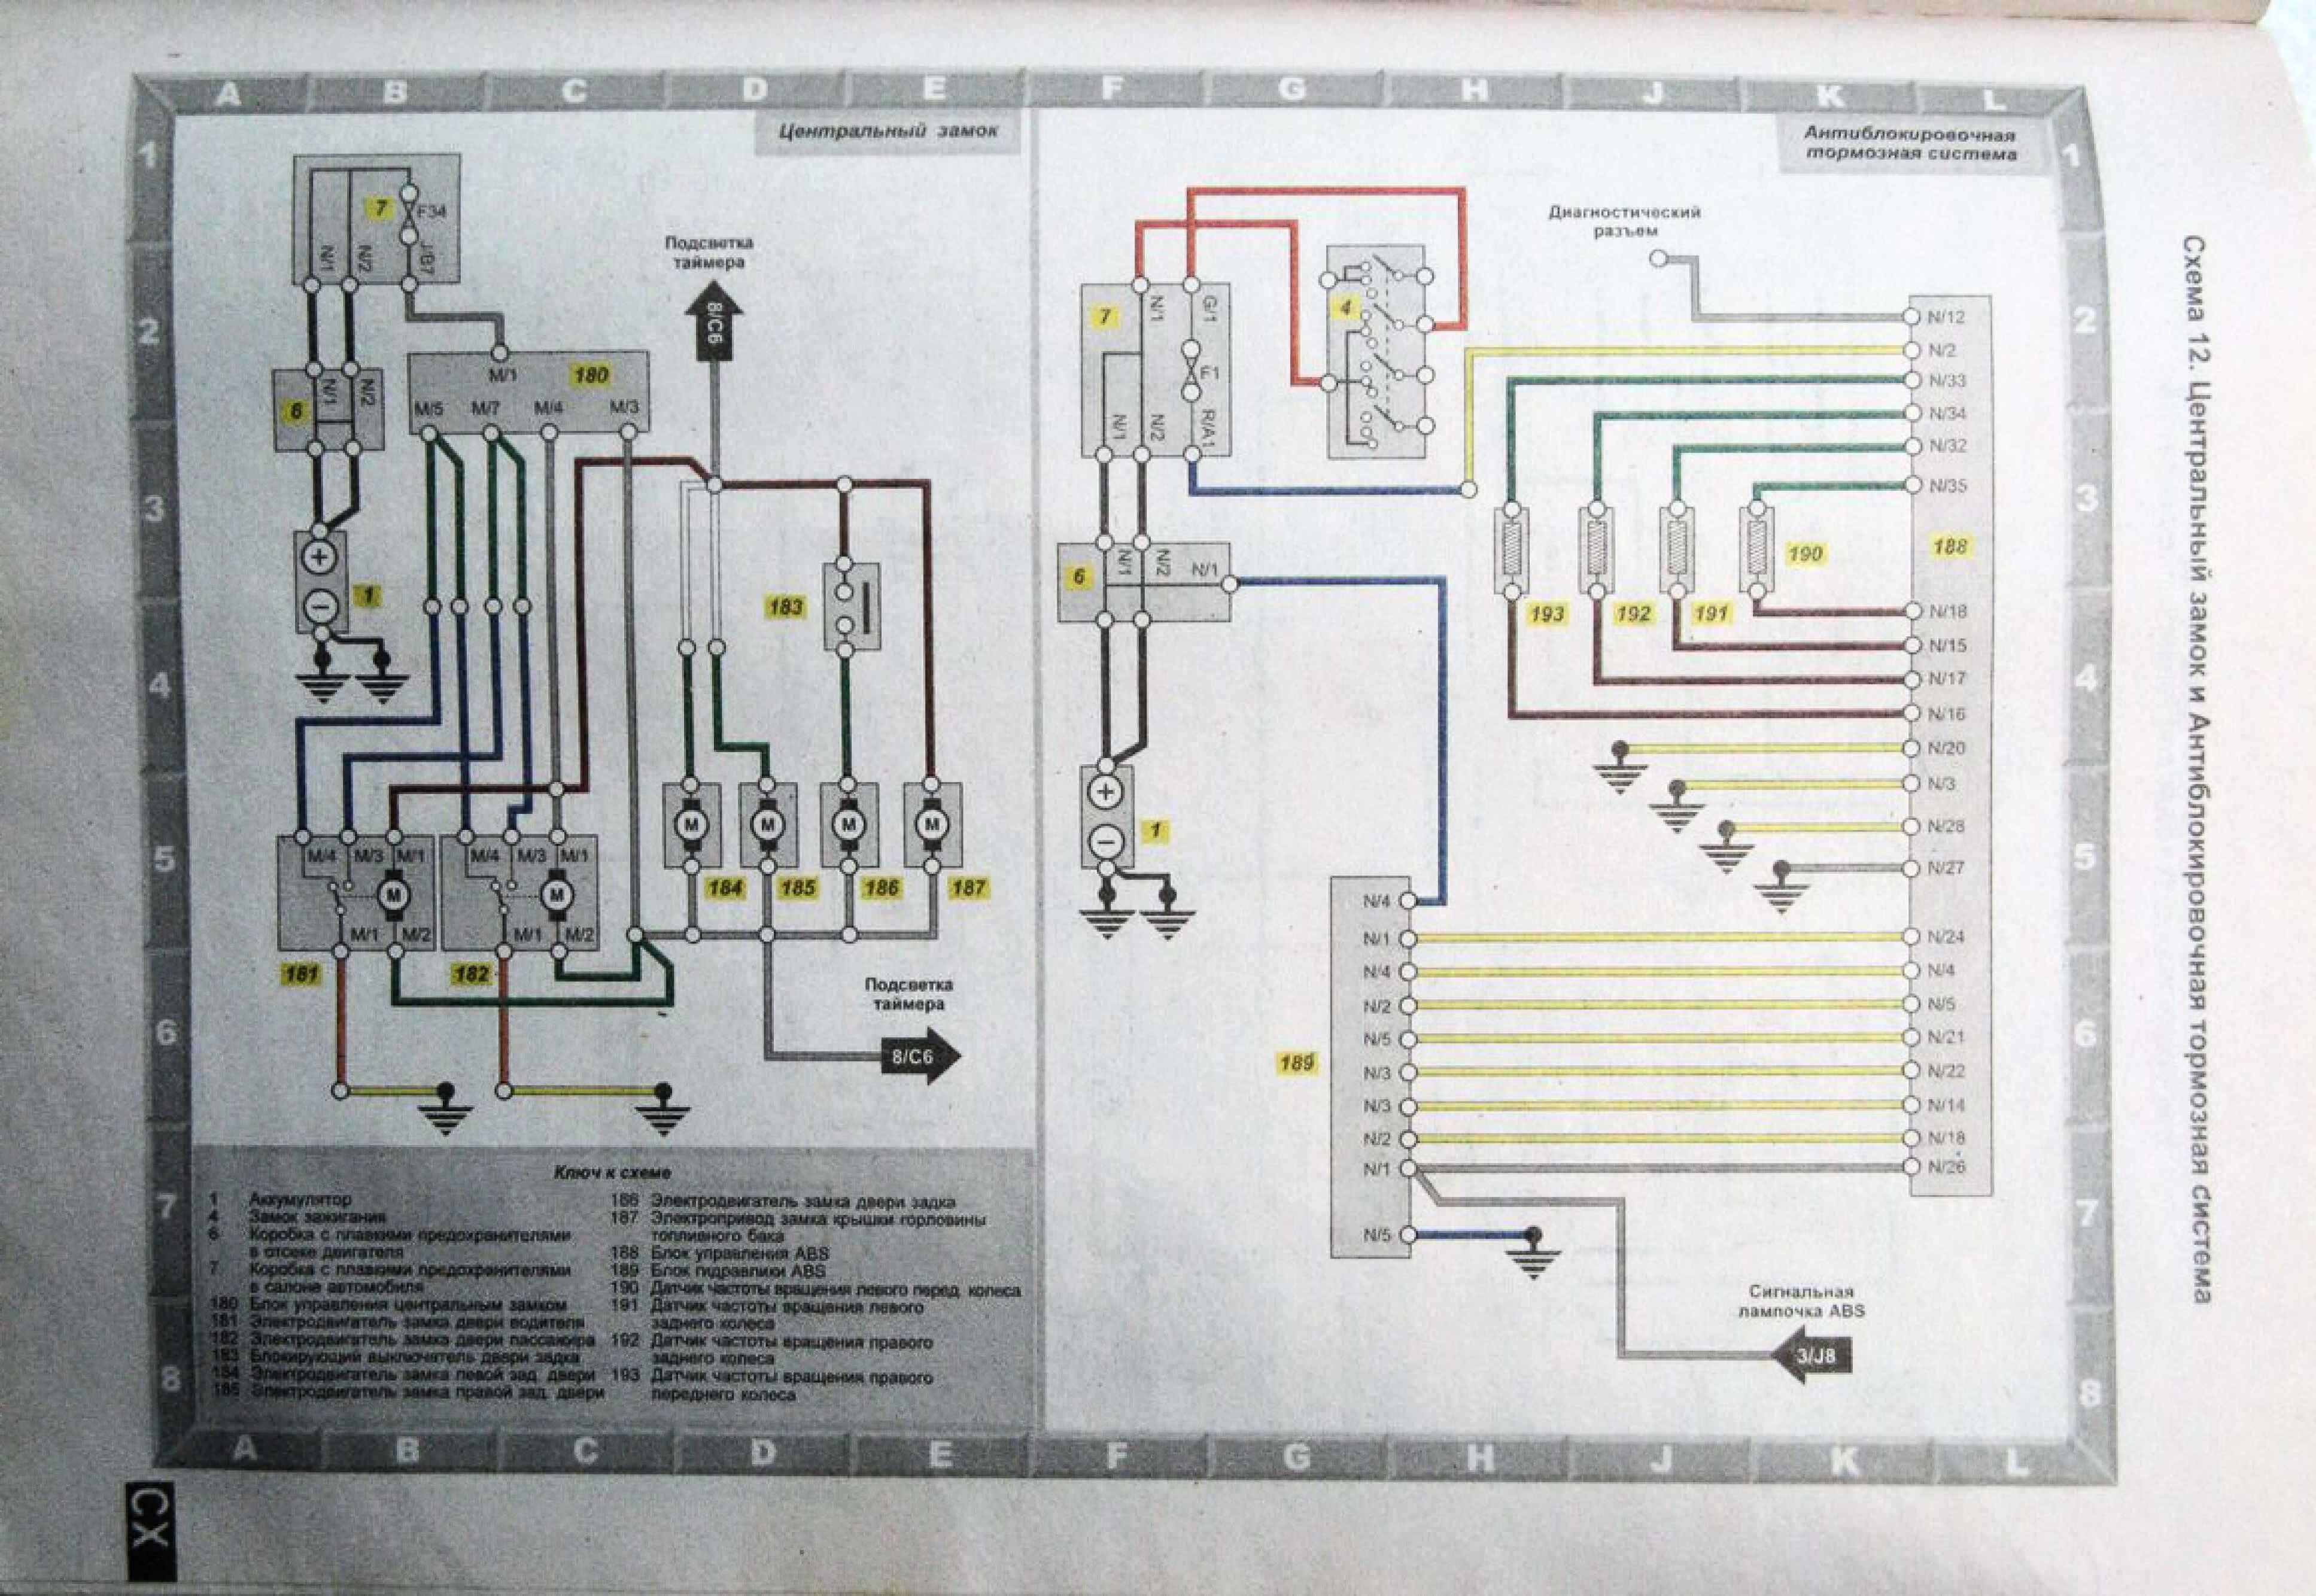 Фото №20 - схема подключения центрального замка ВАЗ 2110